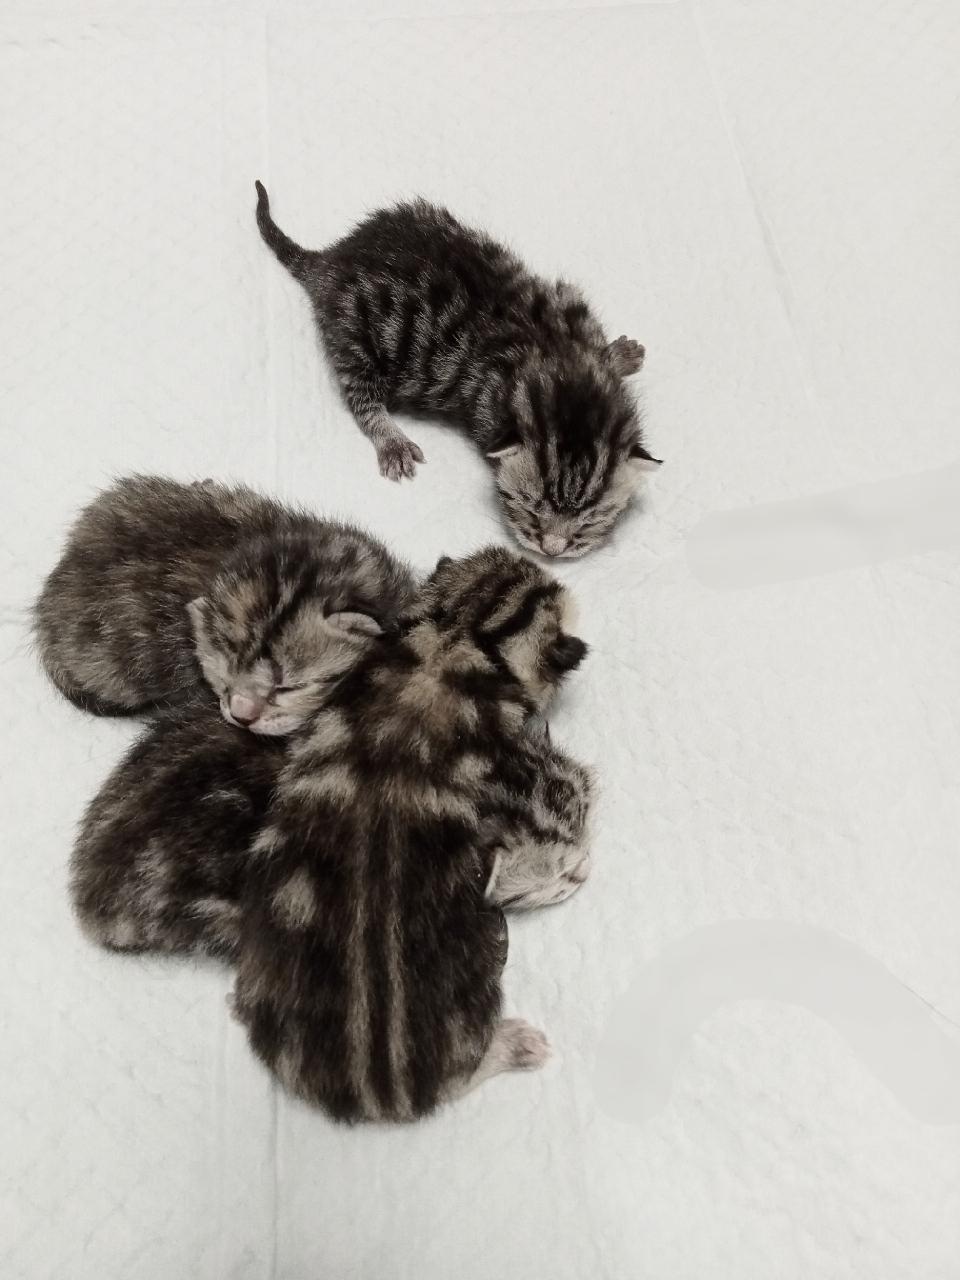 9月11日出生的美短虎斑